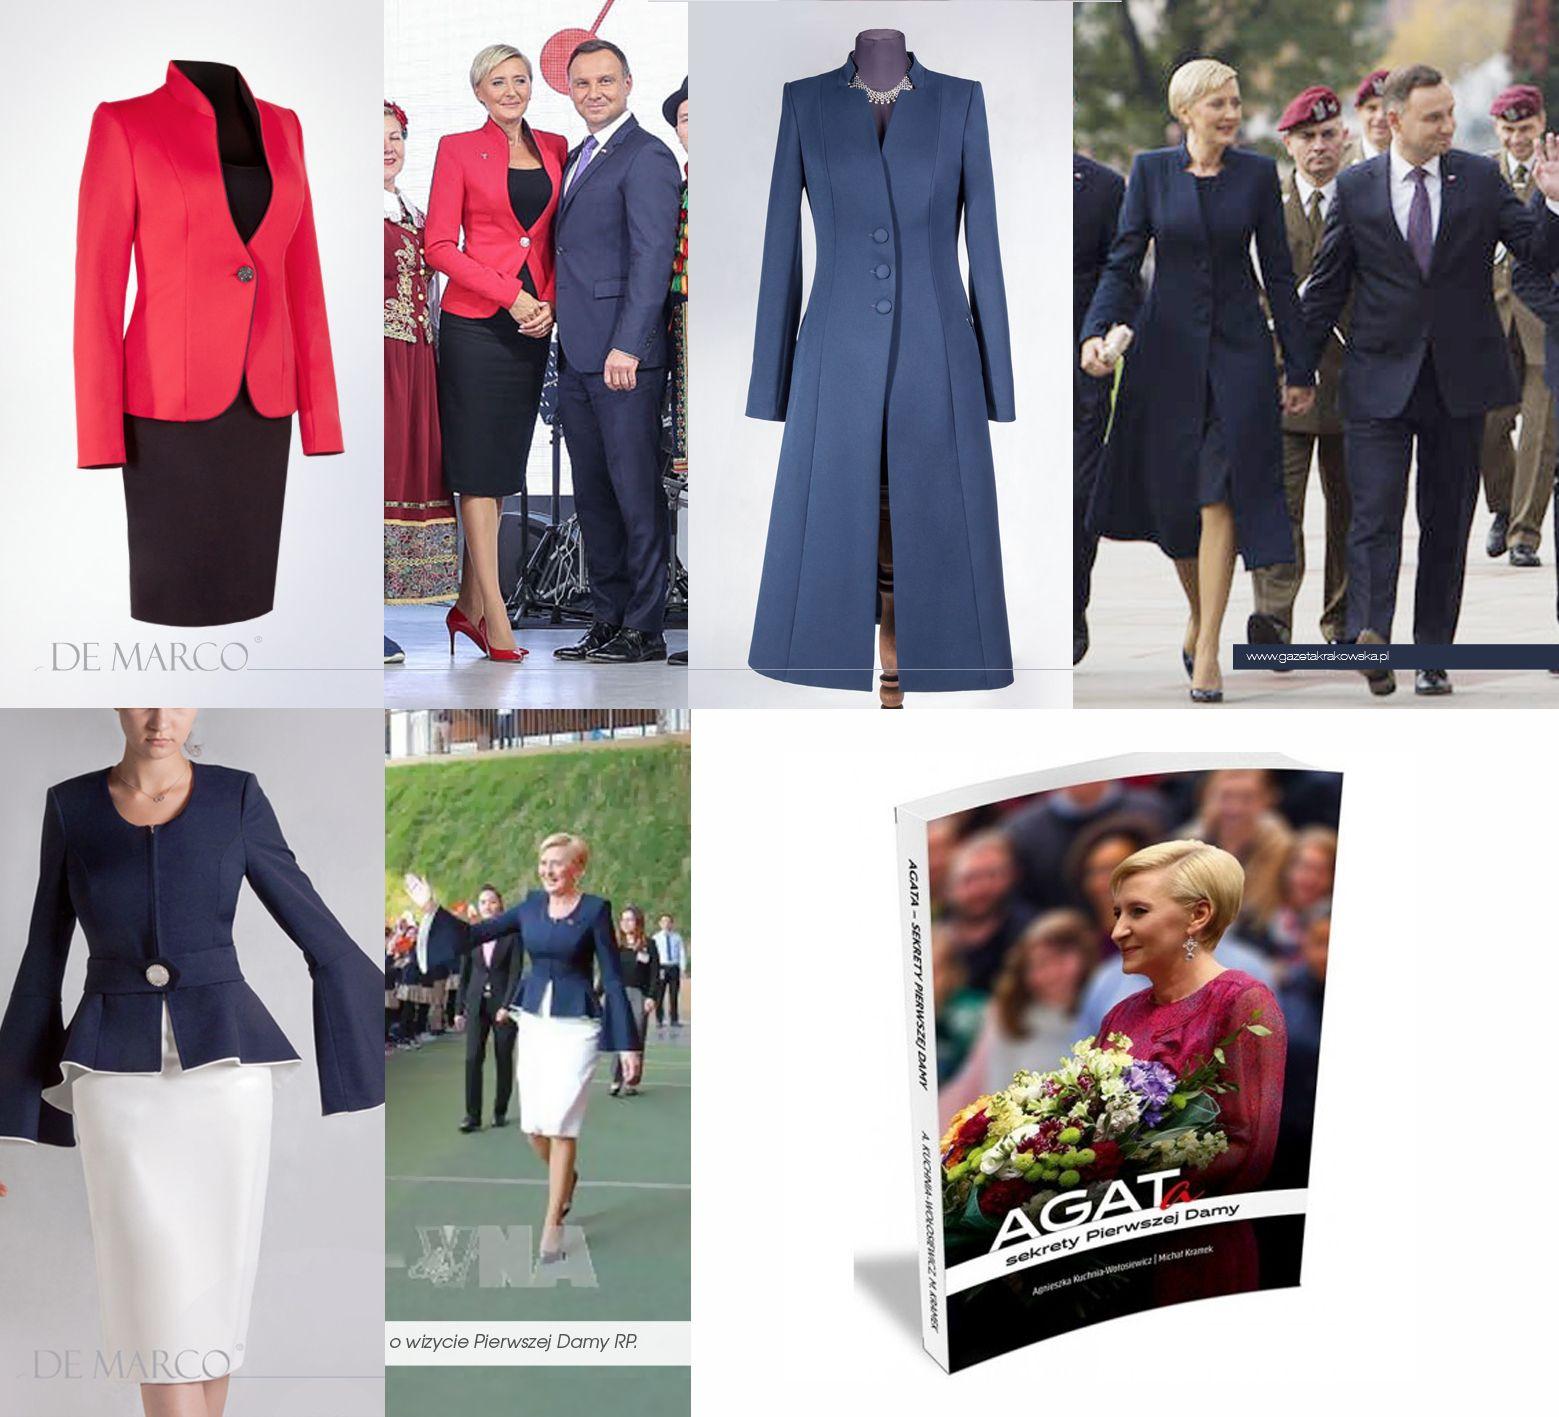 Agata Sekrety Pierwszej Damy Agata Kornhauser Duda Styl Pierwszej Damy Gdzie Ubiera Sie Prezydentowa Fashion Suit Jacket Single Breasted Suit Jacket